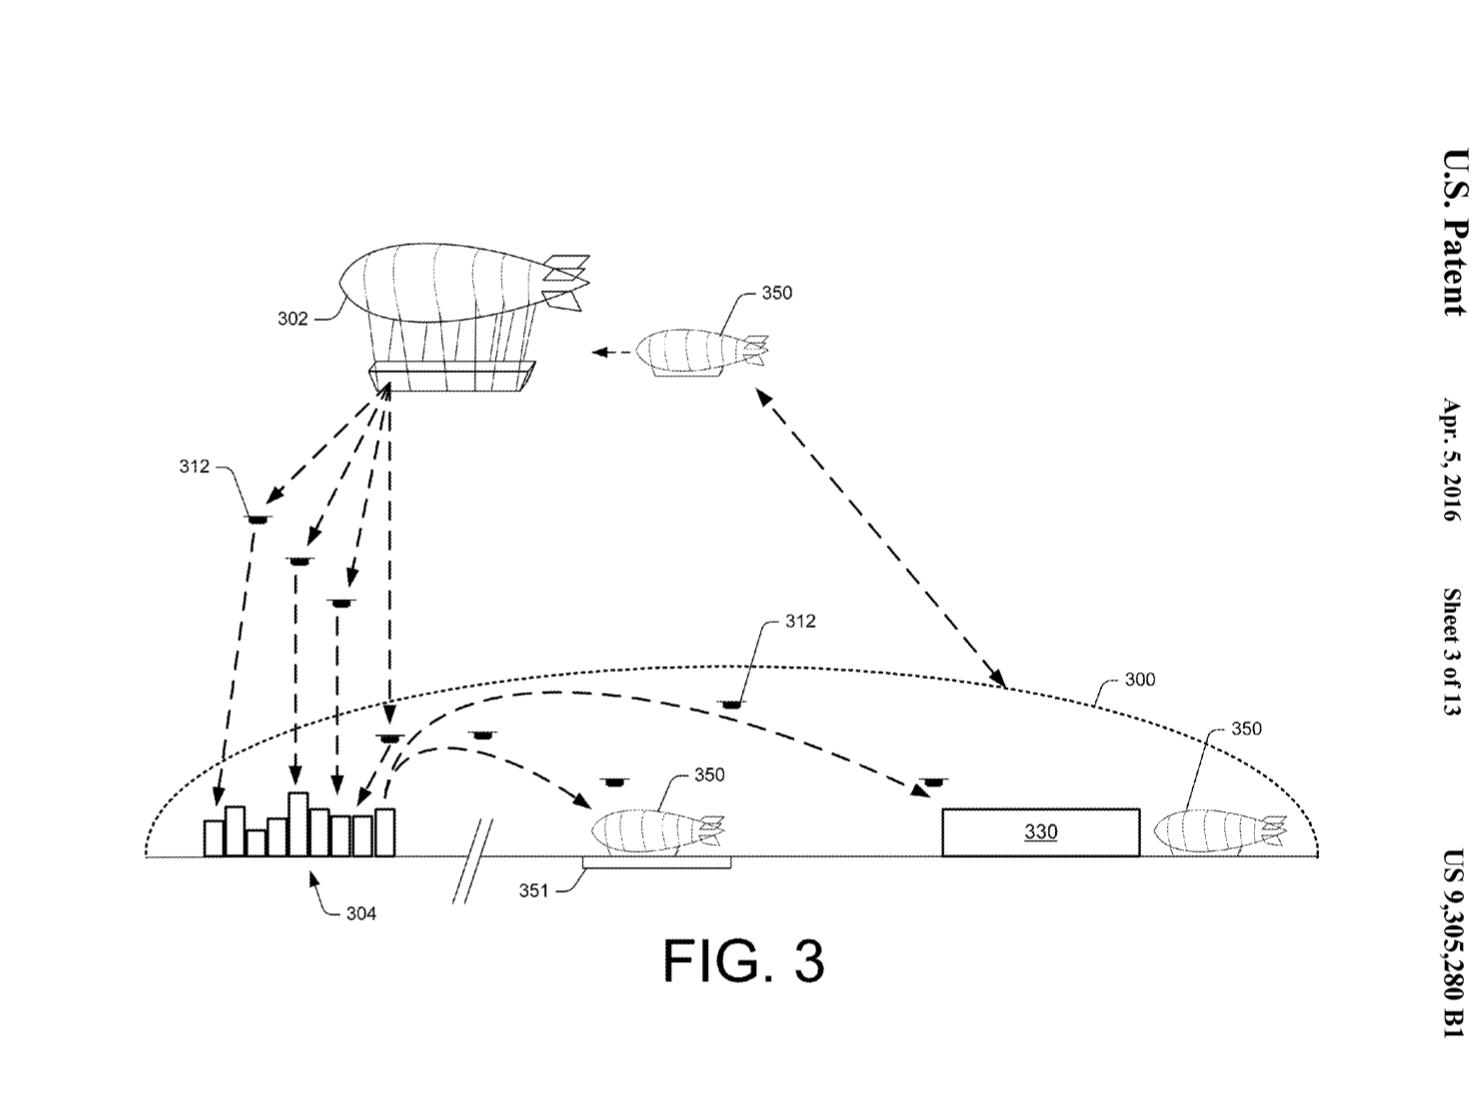 Amazon Prime Air - patent na wykorzystanie powietrznych magazynów